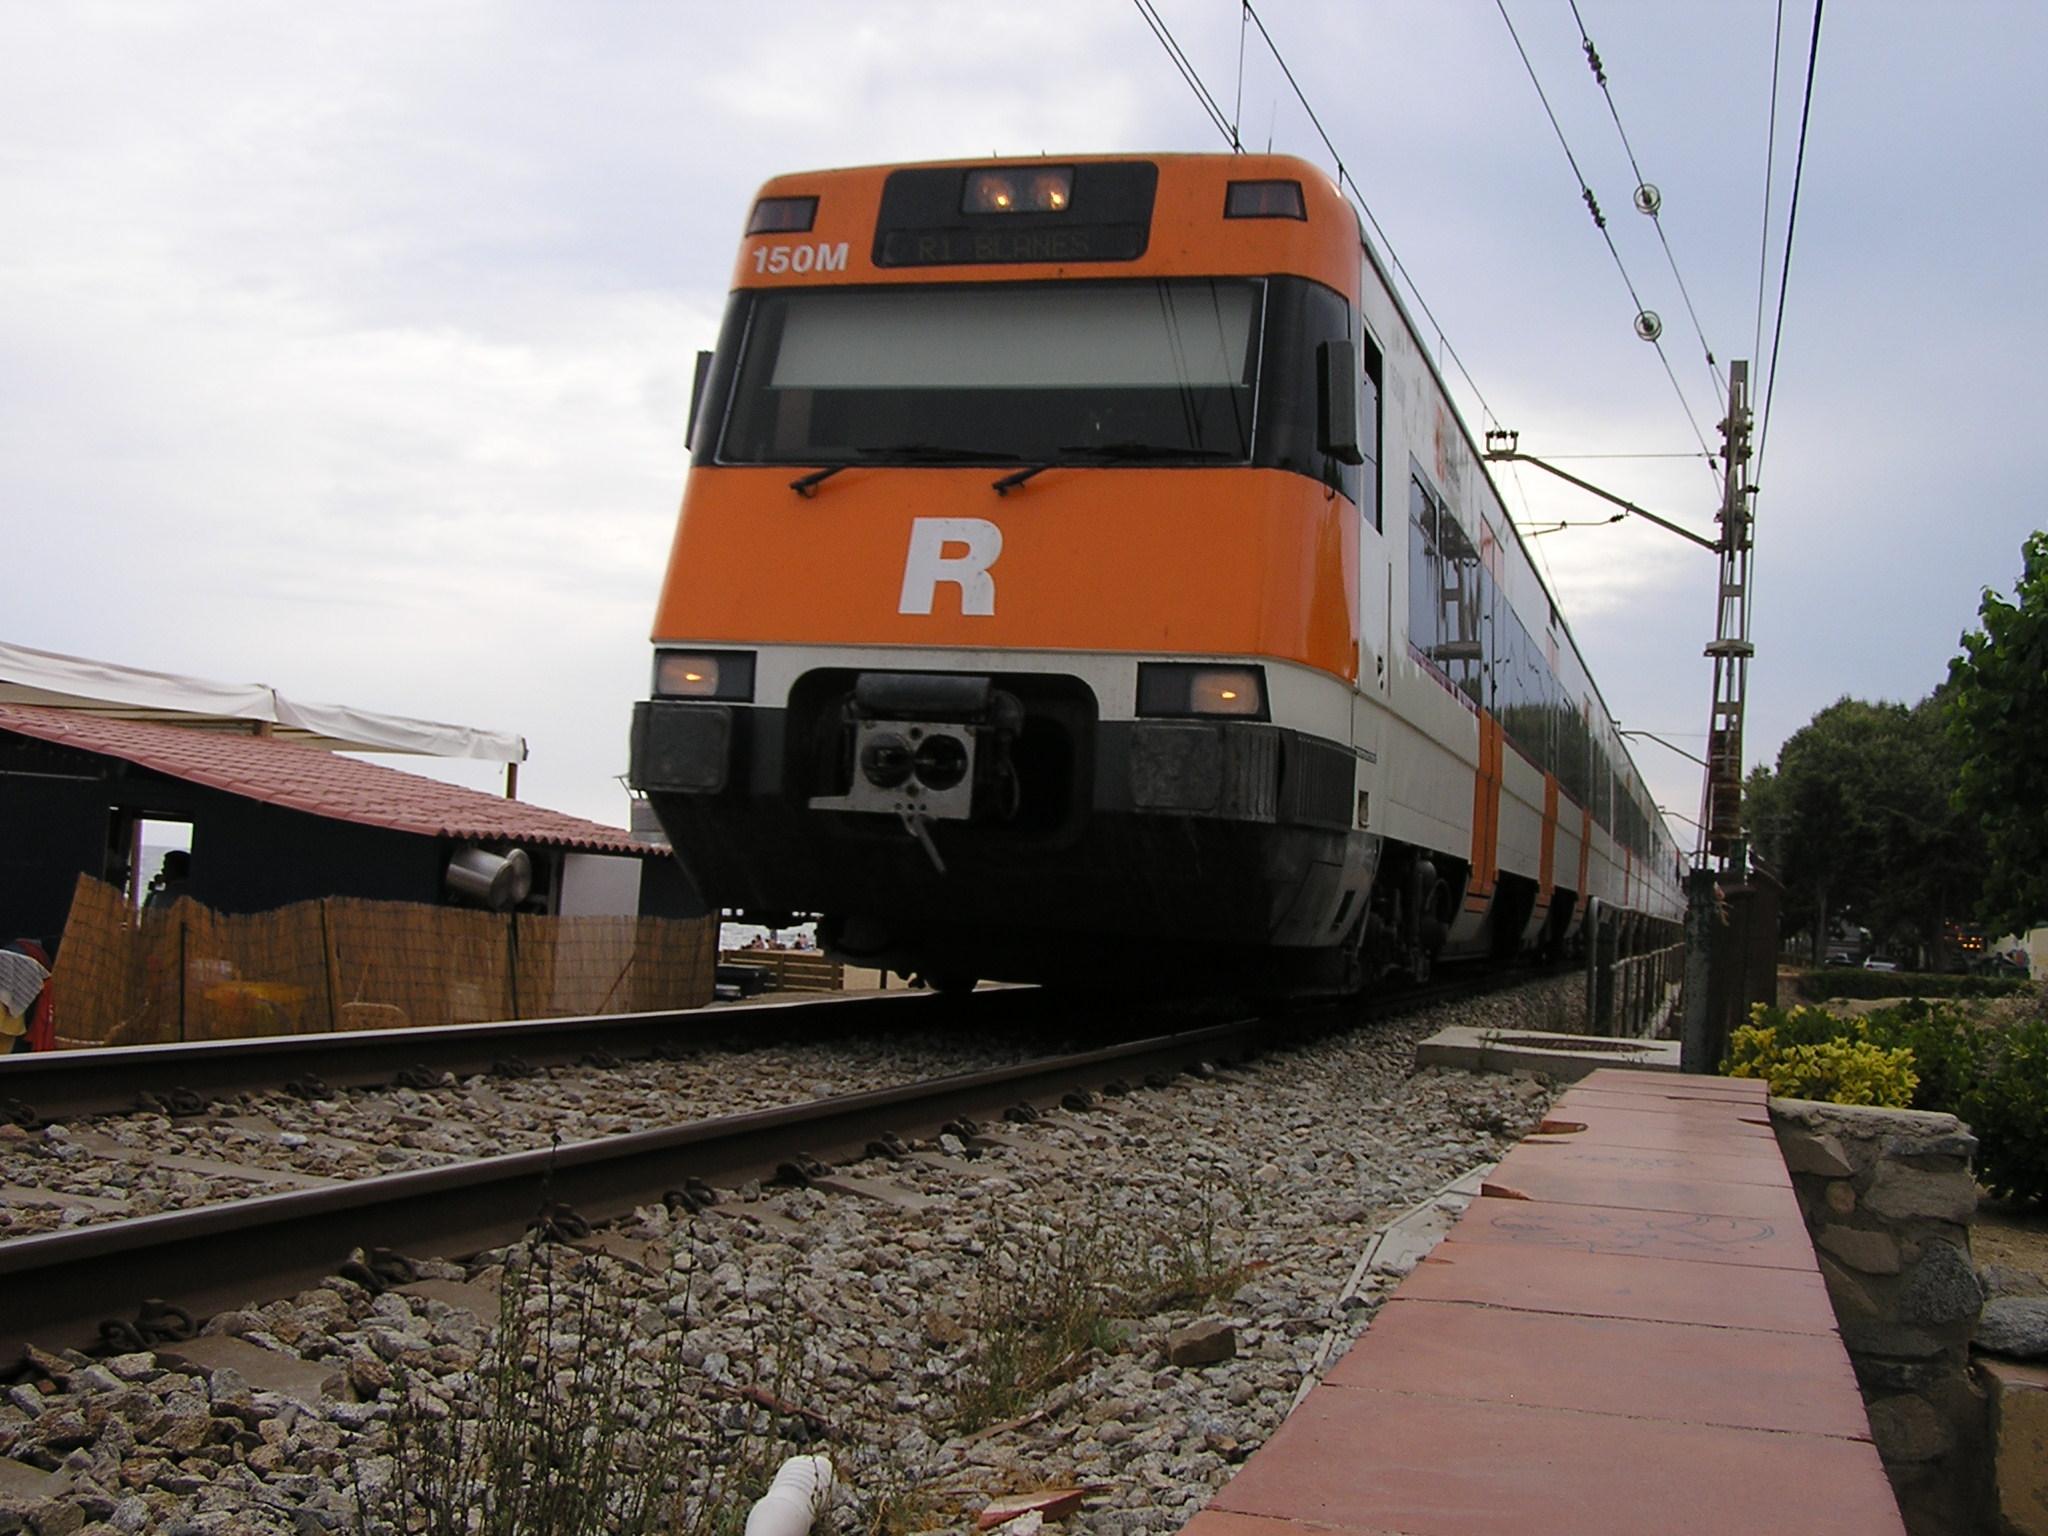 Tren de la línia de rodalies del Maresme. Foto: maresme360